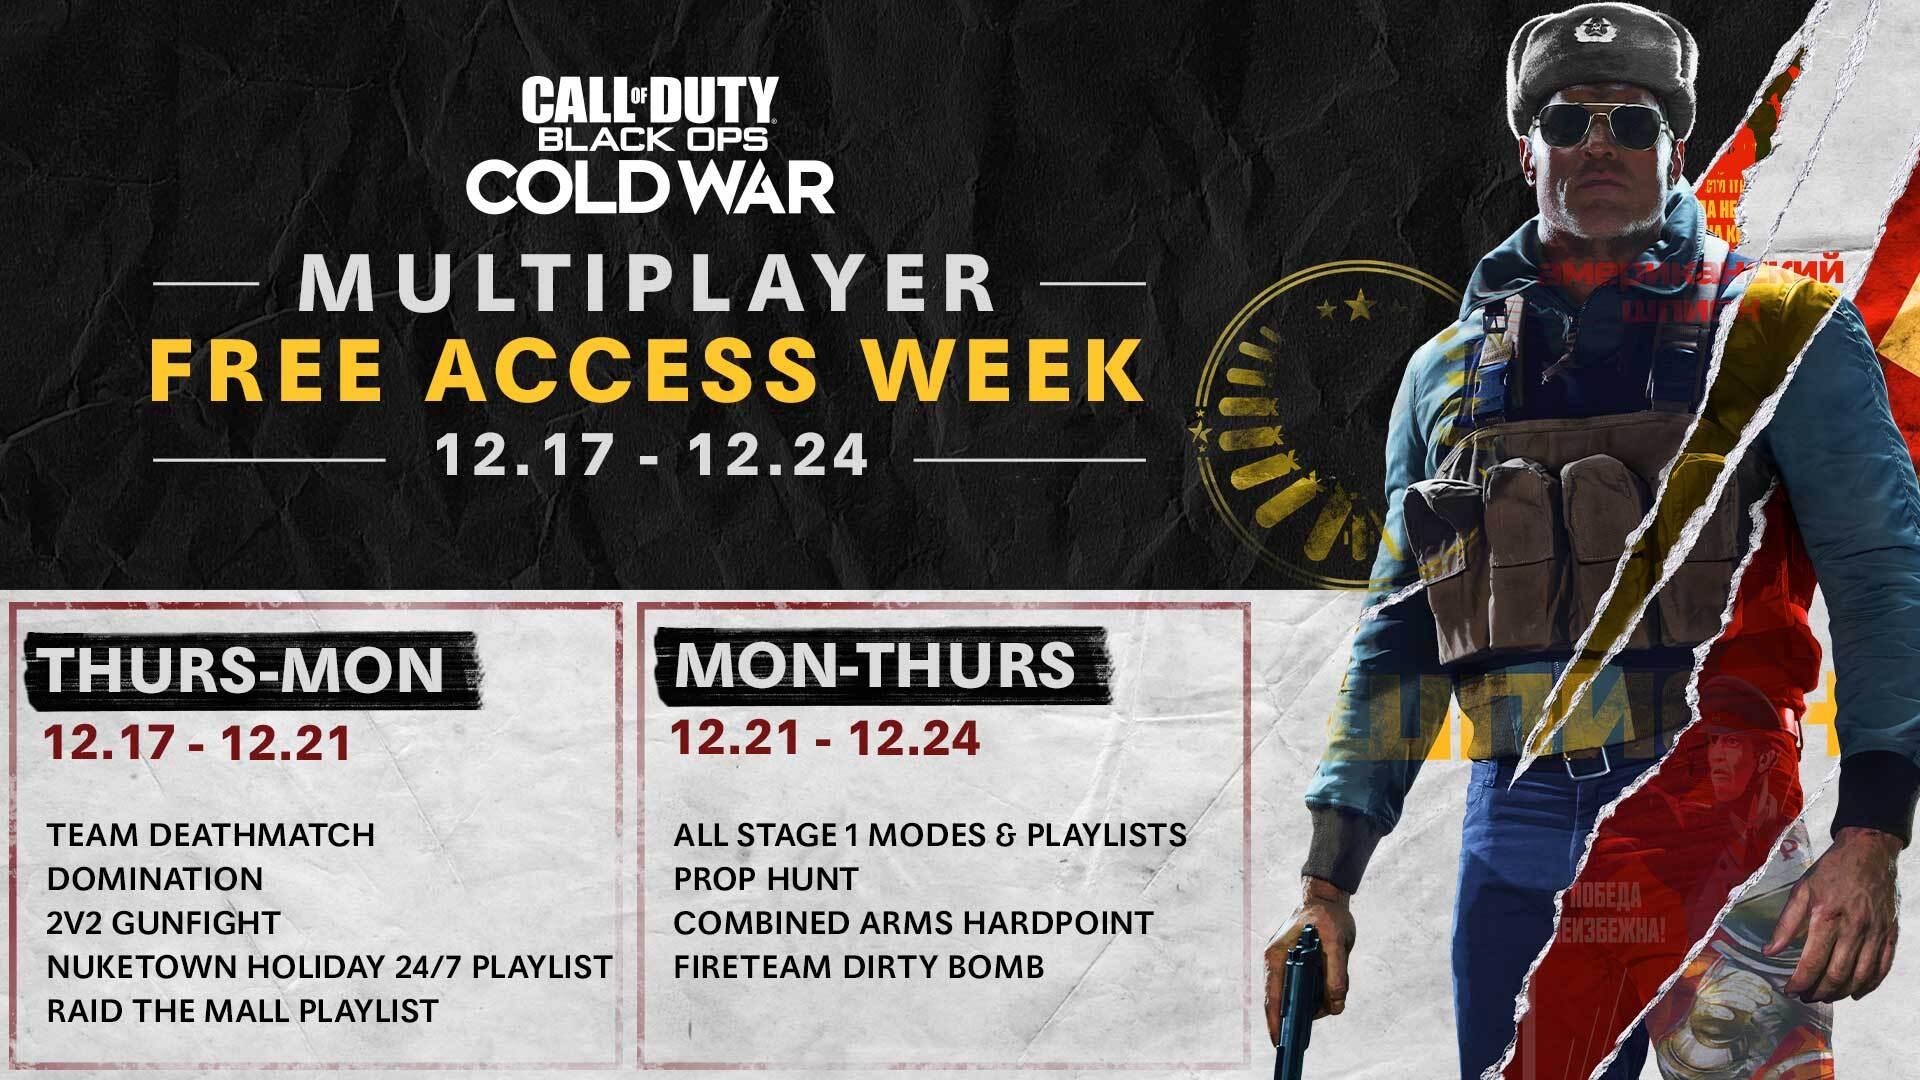 《使命召唤17:黑色行动 冷战》多人模式免费玩一周 所有玩家都可免费游玩